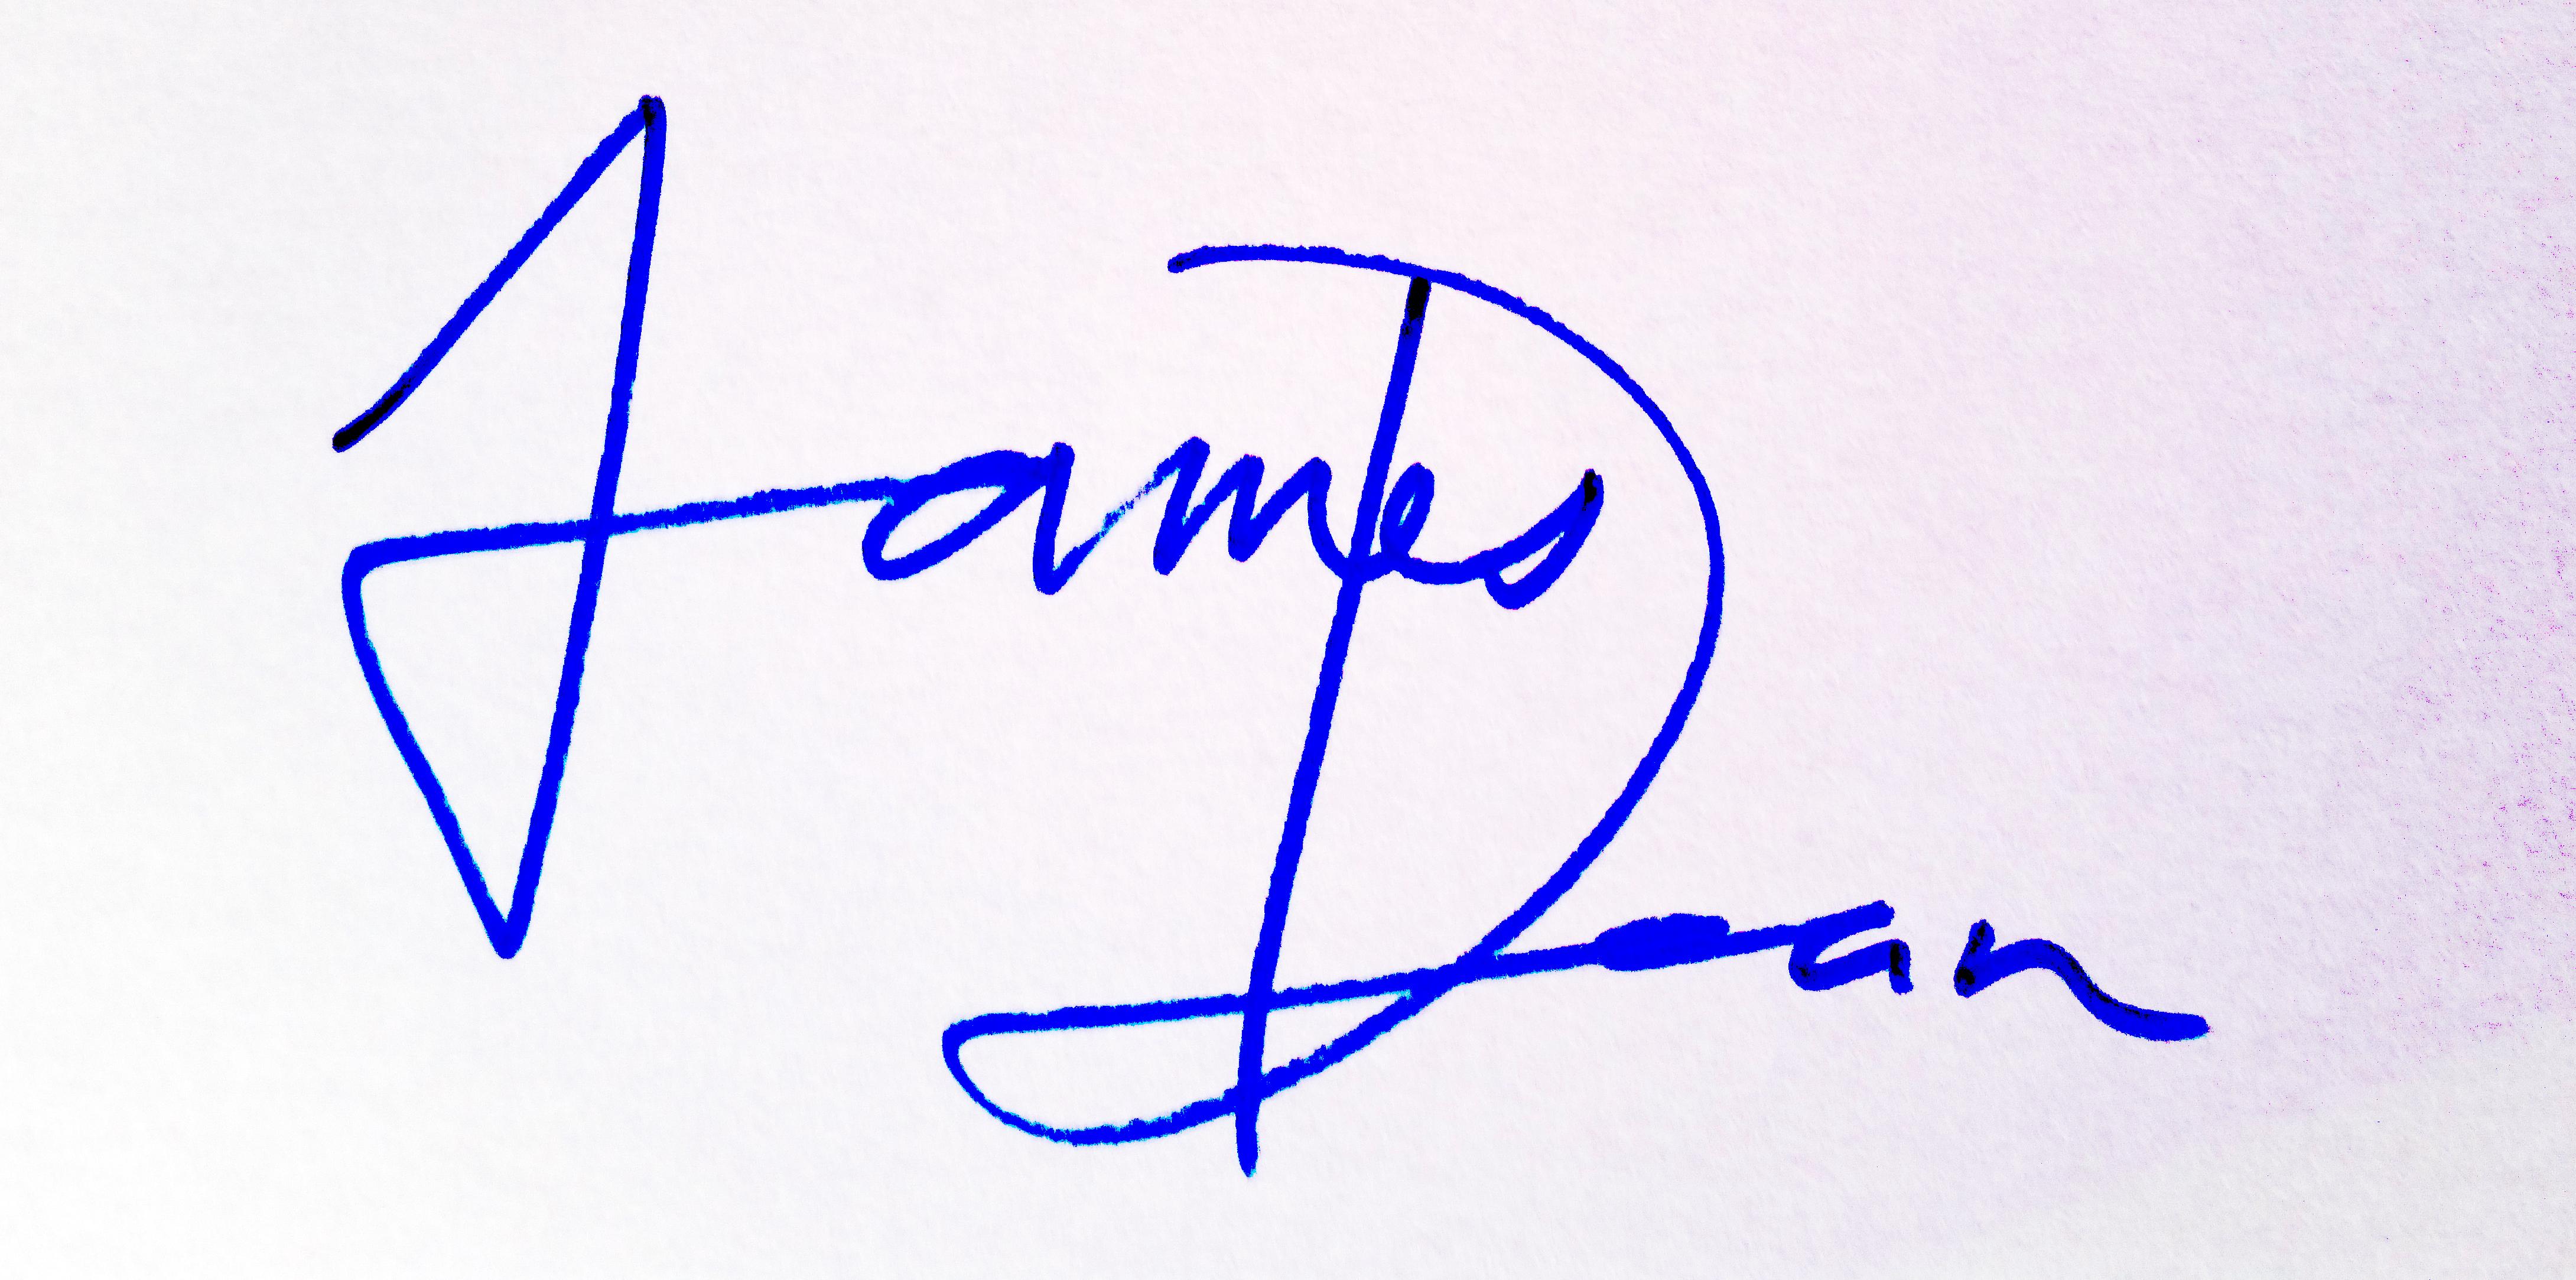 James Dean's Signature